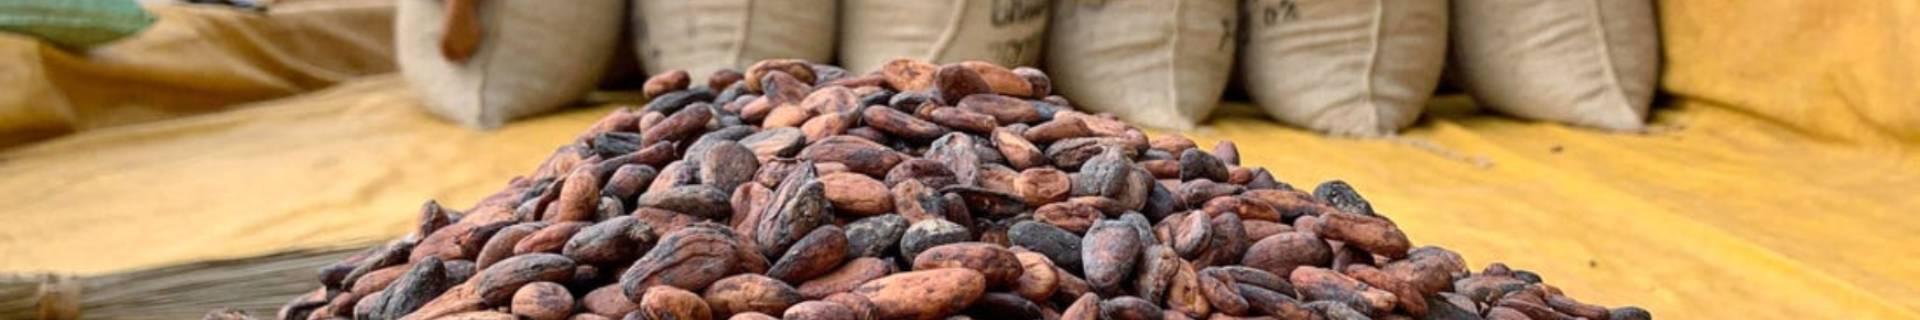 Fairtrade Chocolate blends - ECOLECTIA